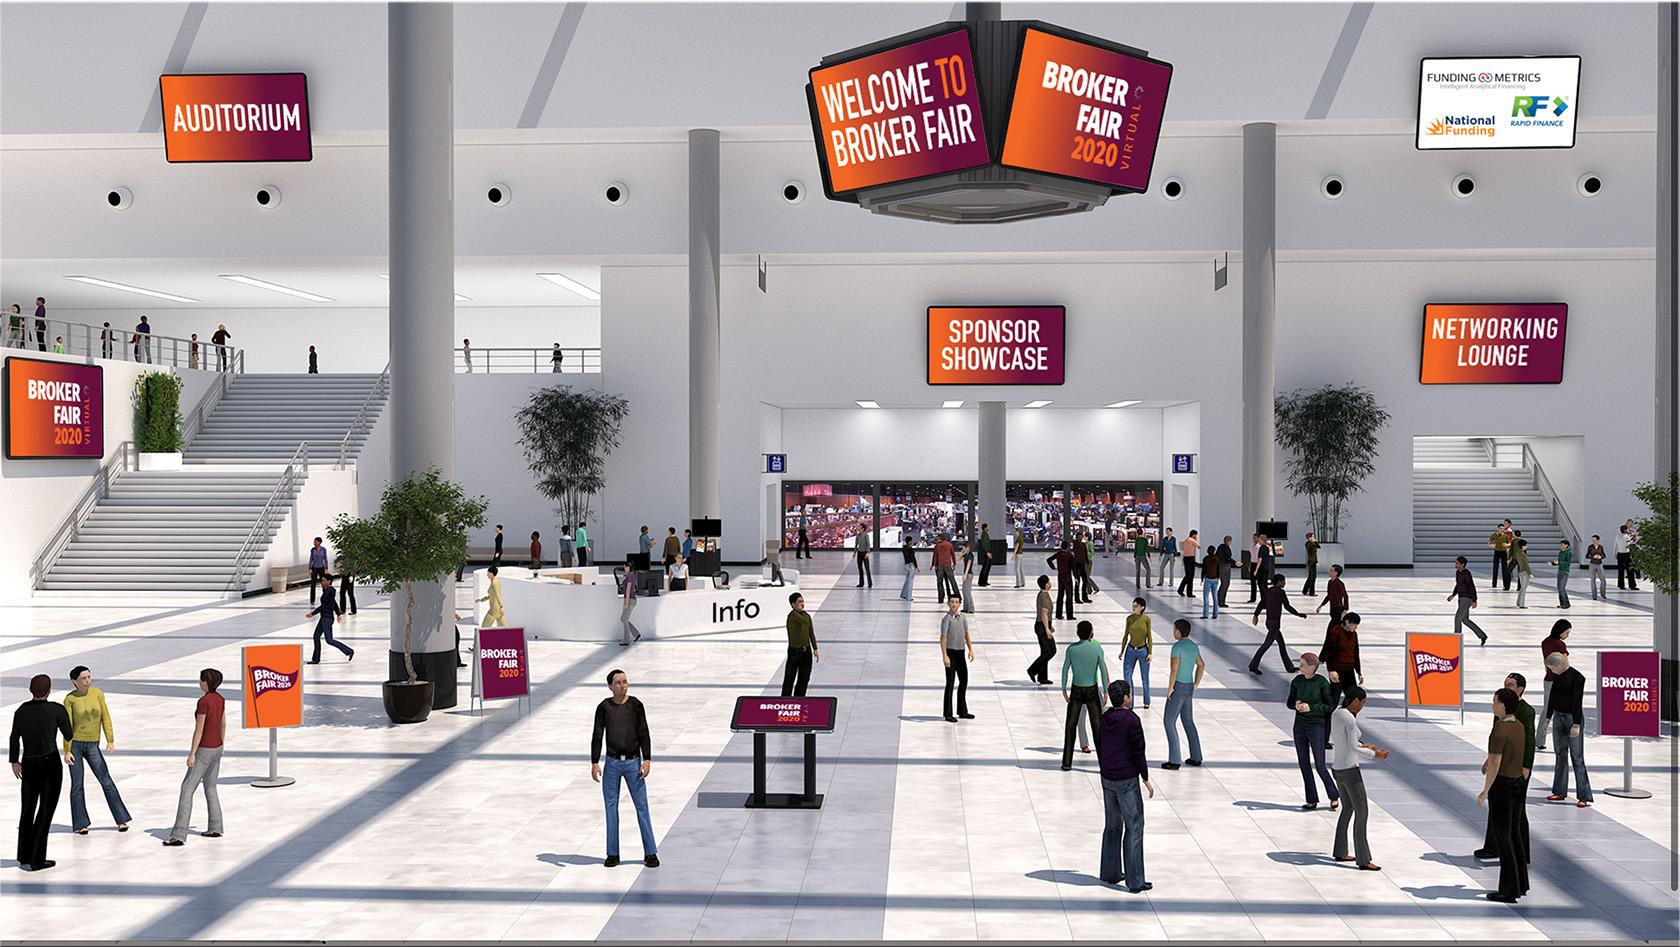 Broker Fair Virtual Lobby